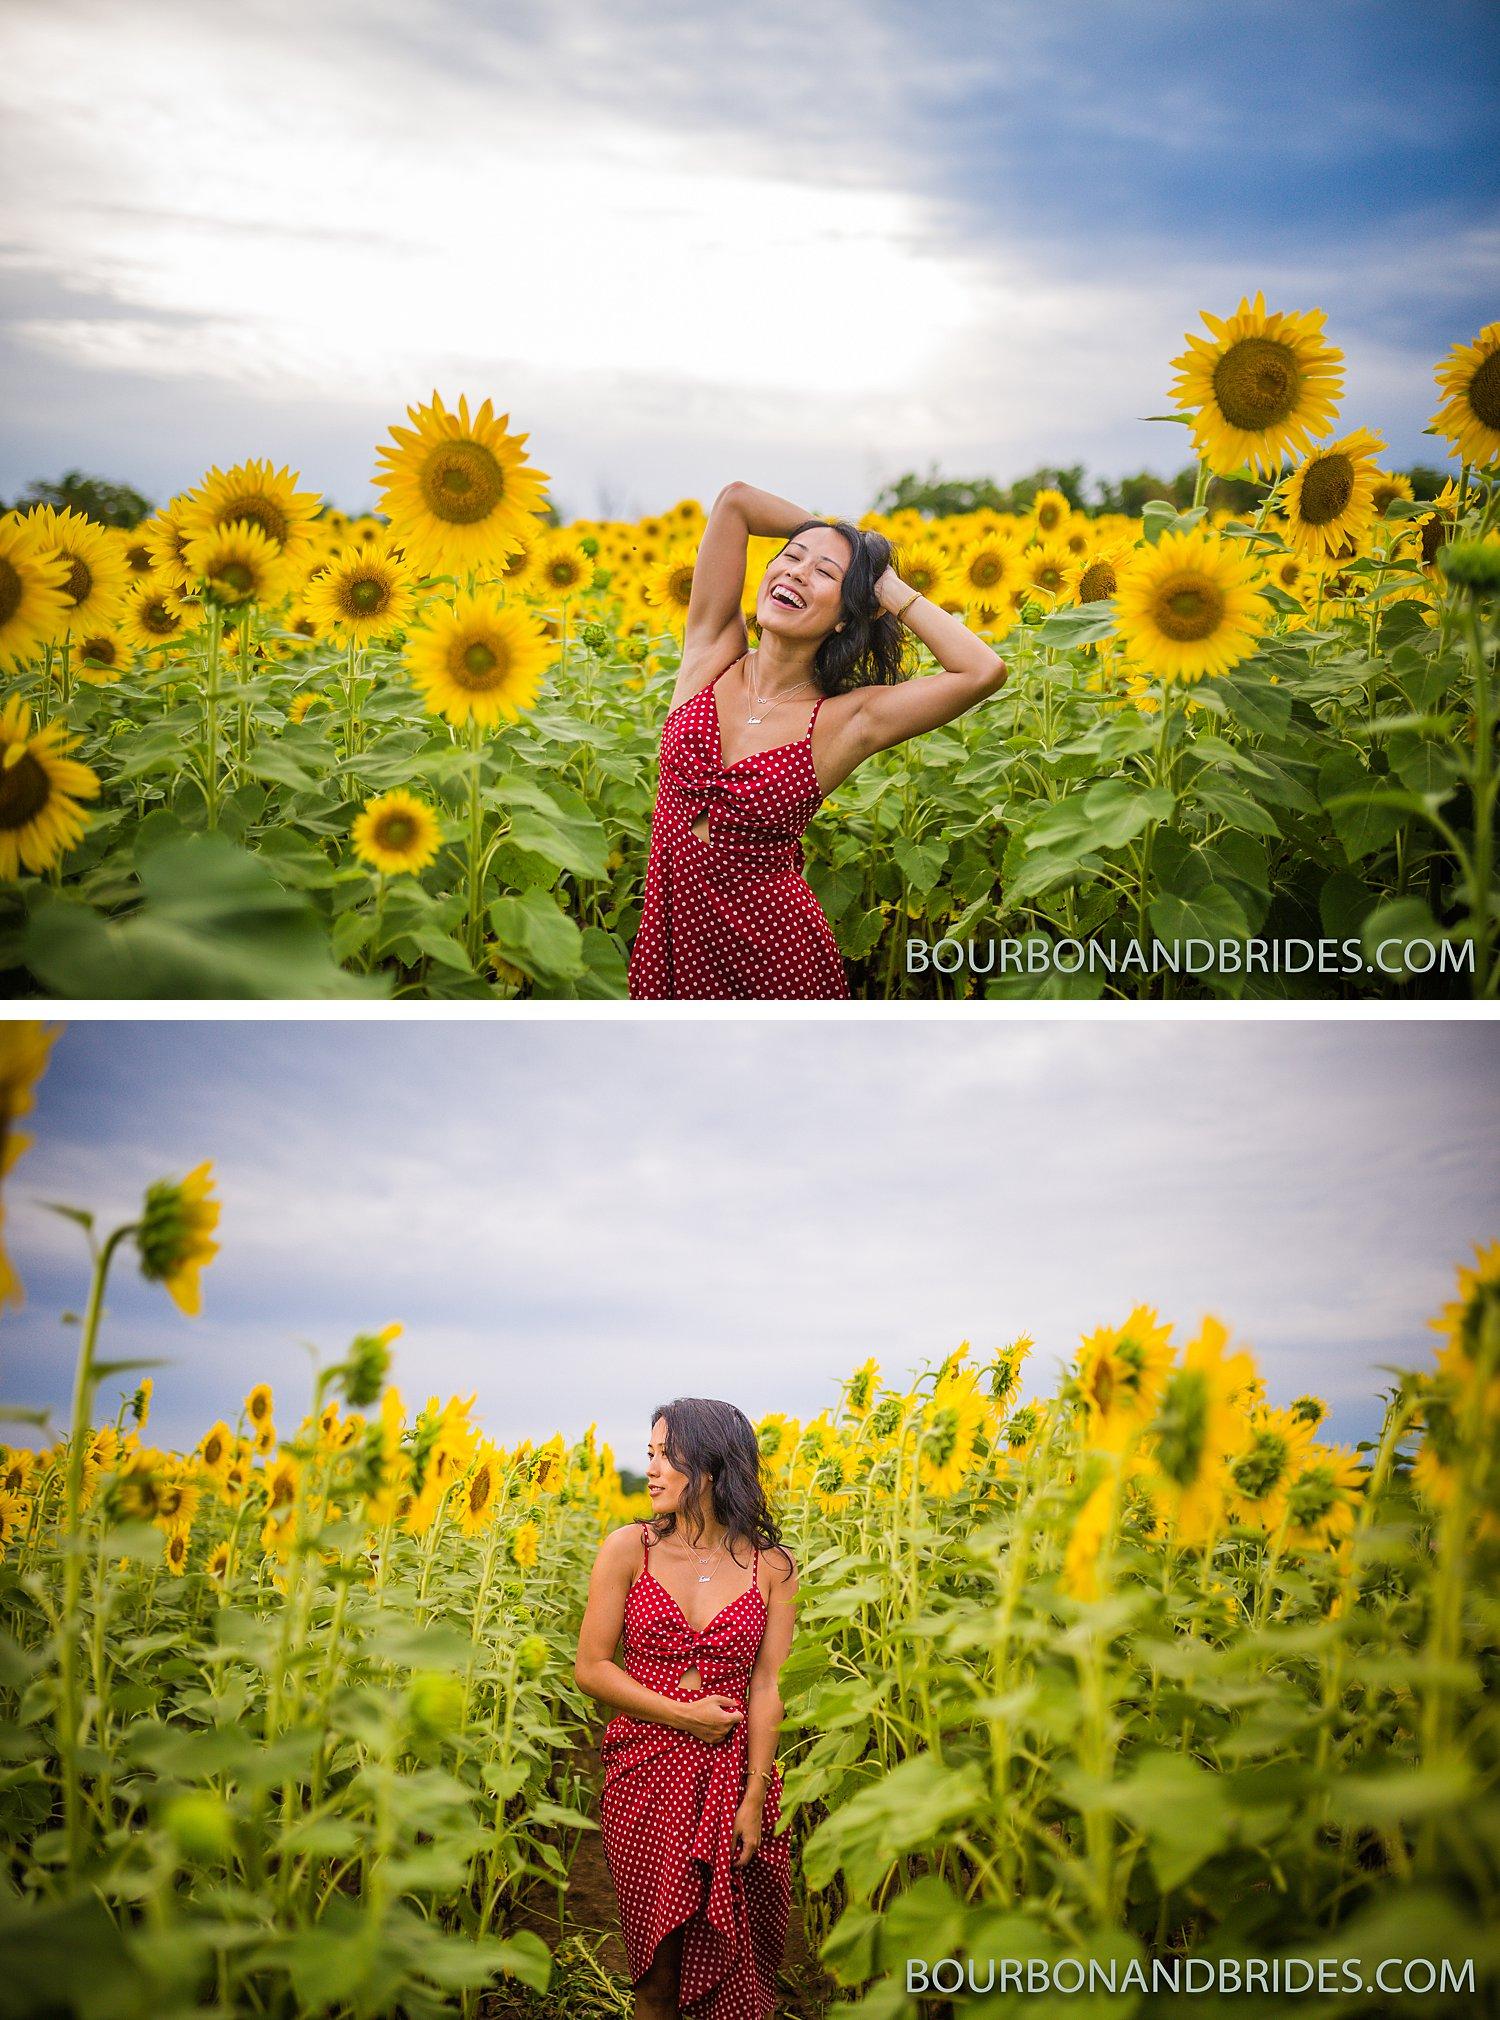 Lexington-sunflowers-The-Nail-Shop_0024.jpg